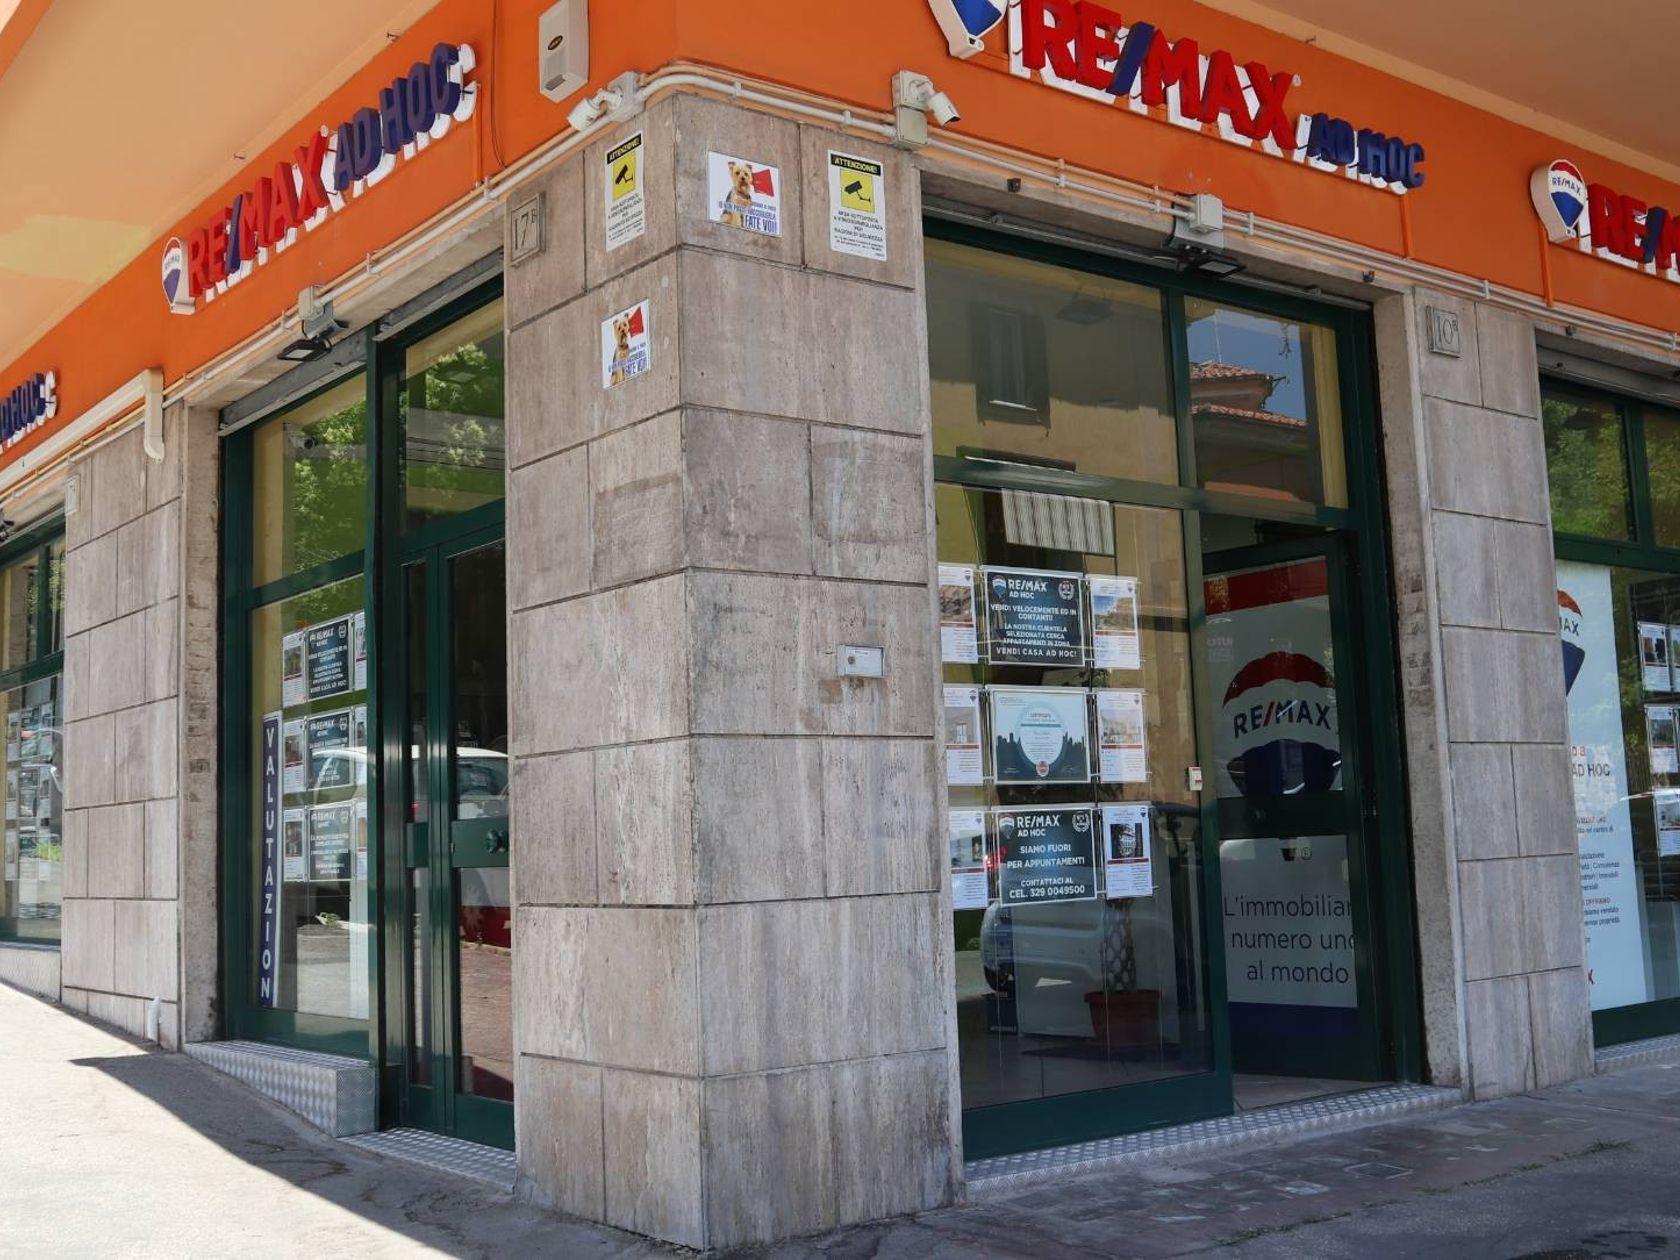 RE/MAX Ad Hoc Roma